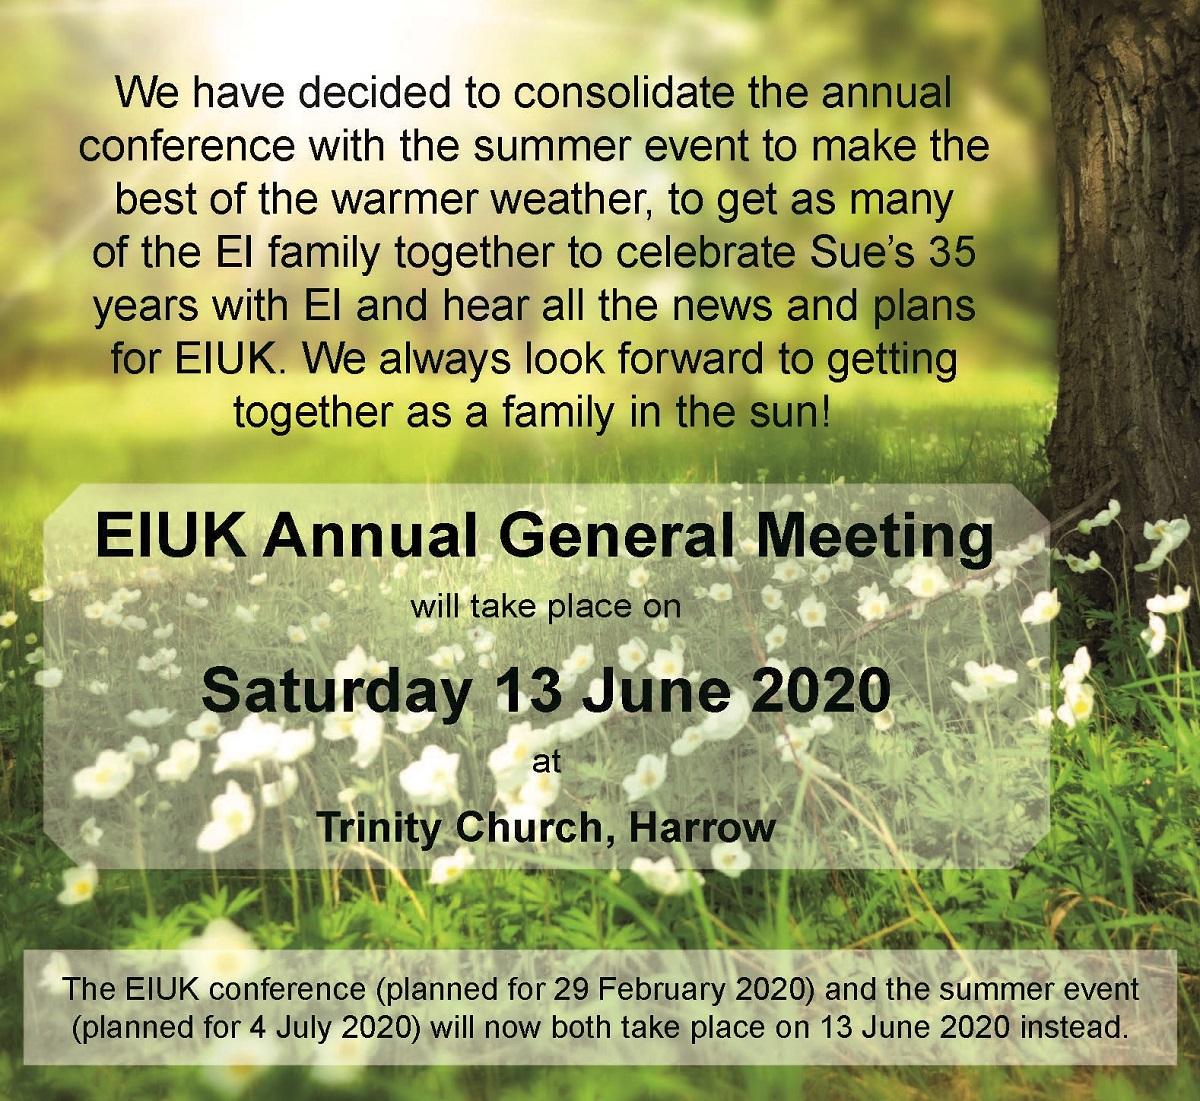 EIUK Annual General Meeting : 13 June 2020